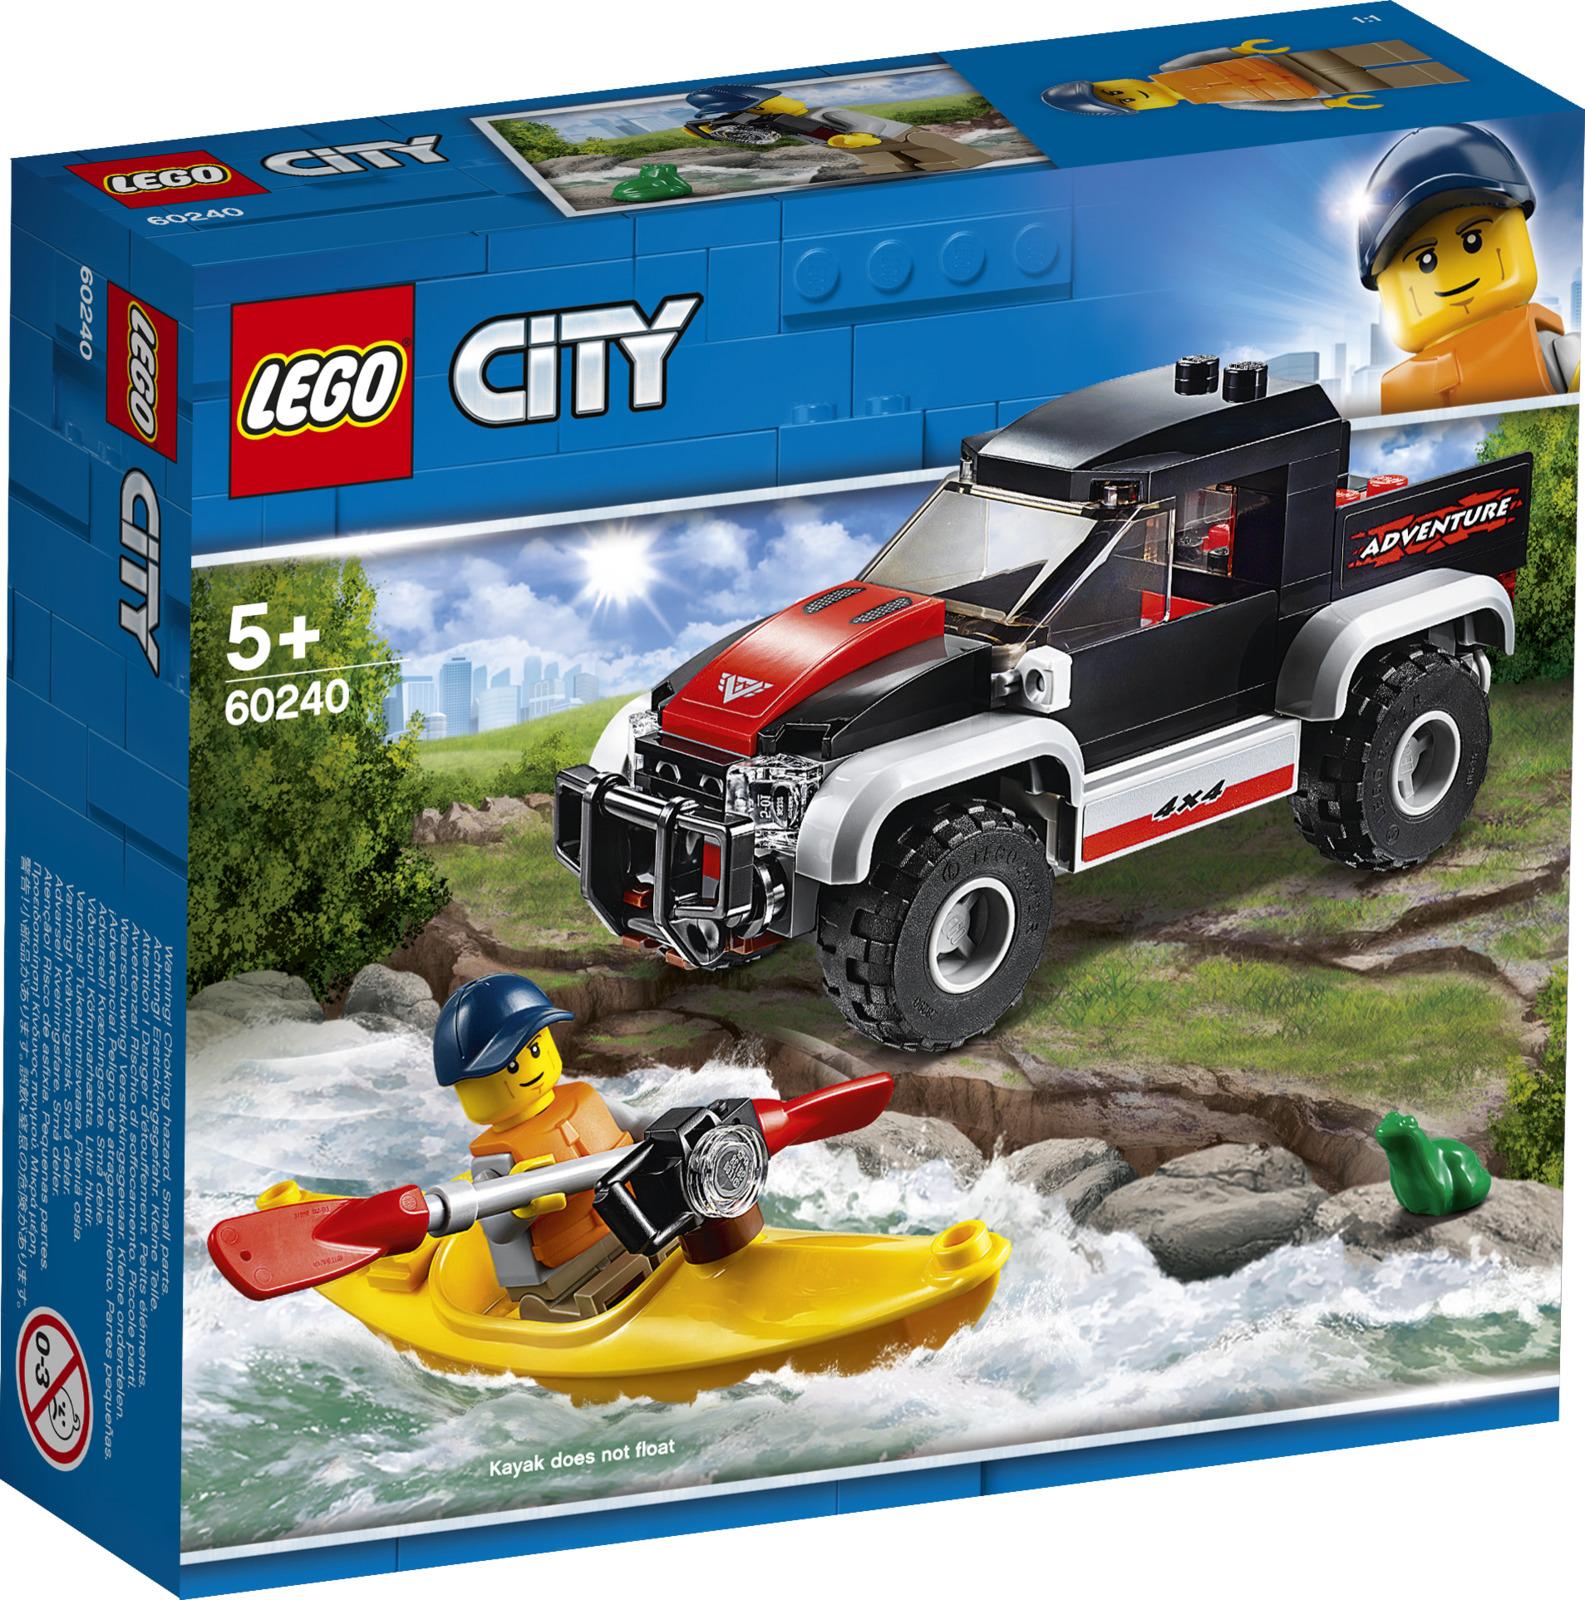 LEGO City Great Vehicles 60240 Сплав на байдарке Конструктор60240Выбери грузовой внедорожник и байдарку и отправляйся навстречу новым приключениям! Собираешься отдохнуть на берегу реки? Не забудь взять с собой камеру! Выгрузи байдарку из грузовика, надень спасательный жилет и спускайся к воде. Ух-ты, какая классная лягушка! Возьми камеру, чтобы сделать фото, а потом сплавляйся вниз по течению, где тебя ждут новые приключения.